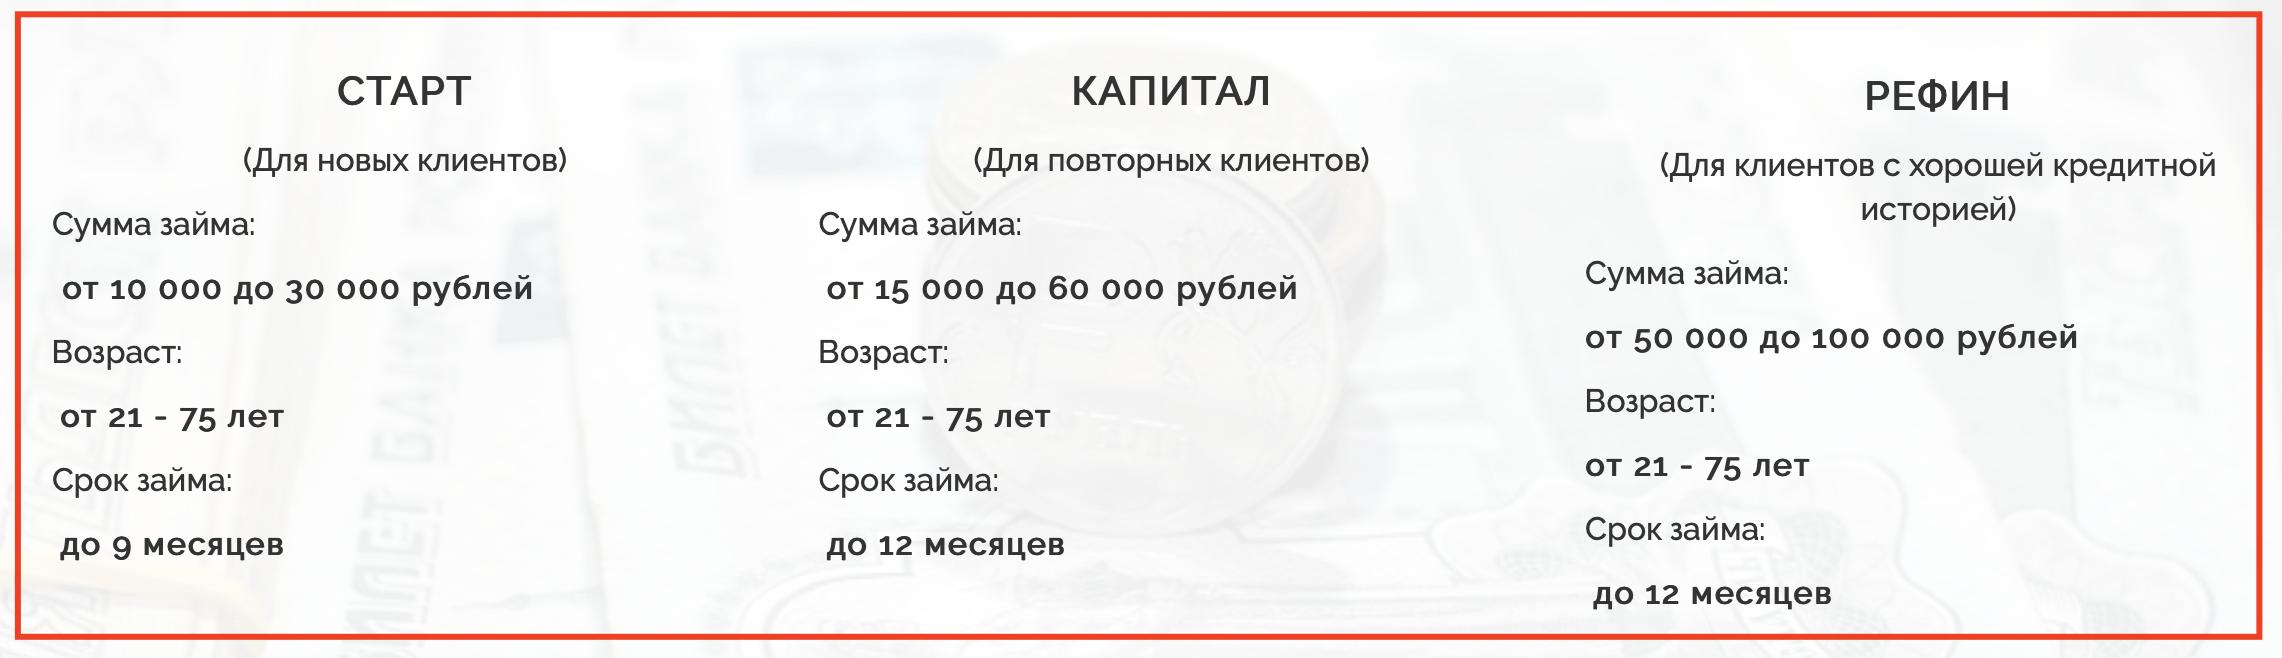 Тарифы гражданам СНГ